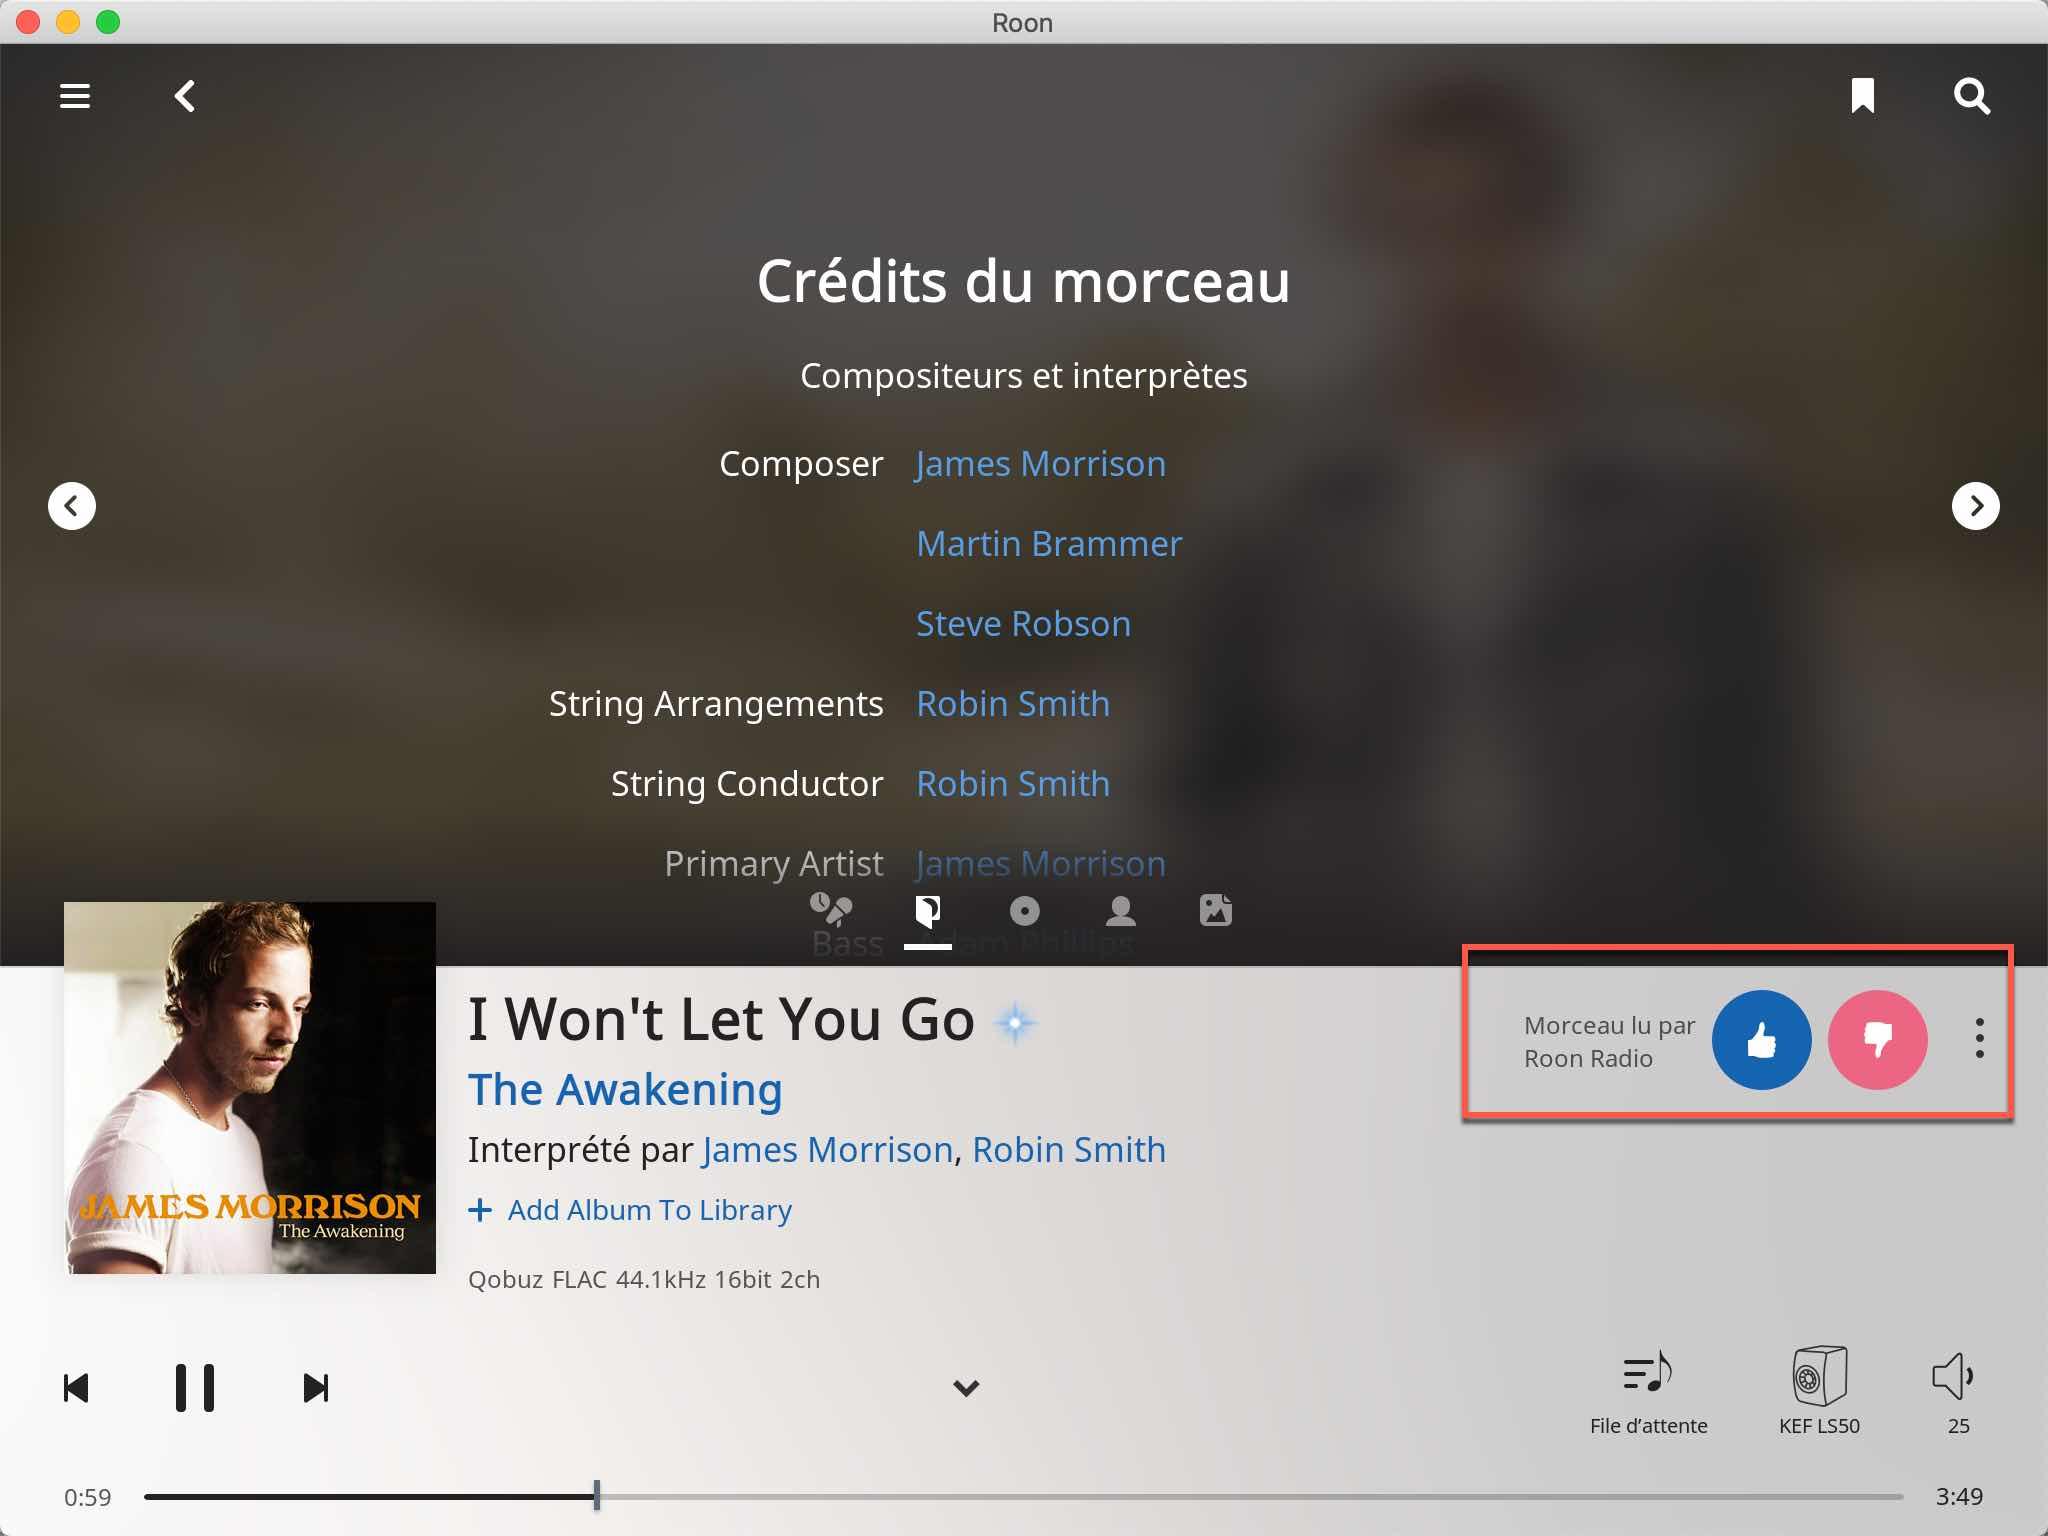 Nouvelle fonction de flux audio continu avec Roon Radio, basée sur les écoutes précédentes et les goûts musicaux